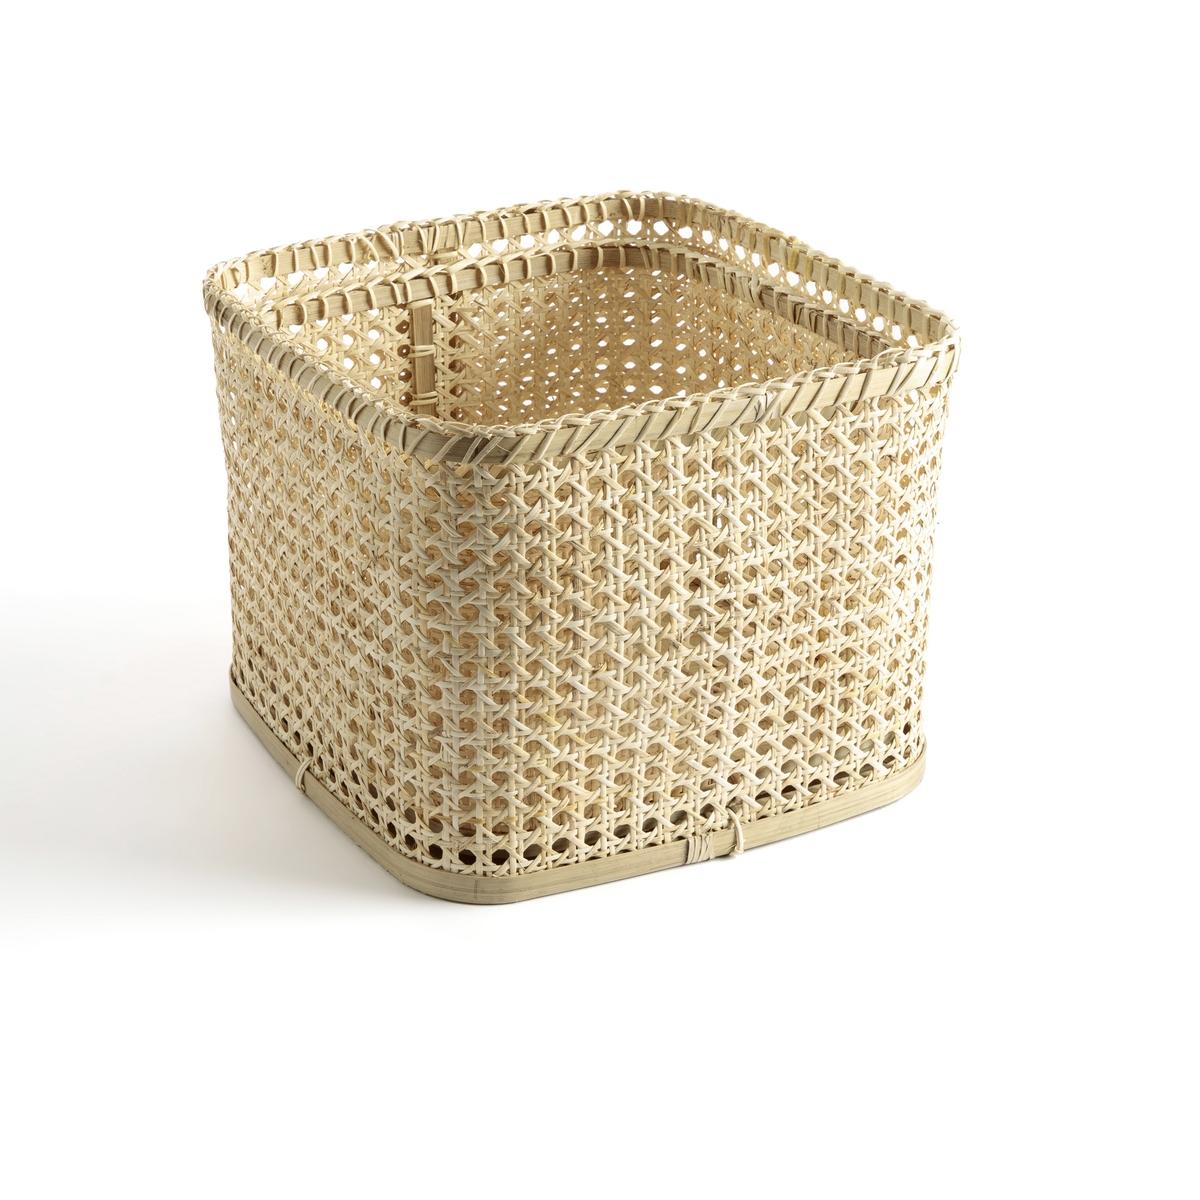 Комплект из высоких корзин La Redoute Tobi единый размер бежевый поднос la redoute из ротанга vesprie единый размер бежевый